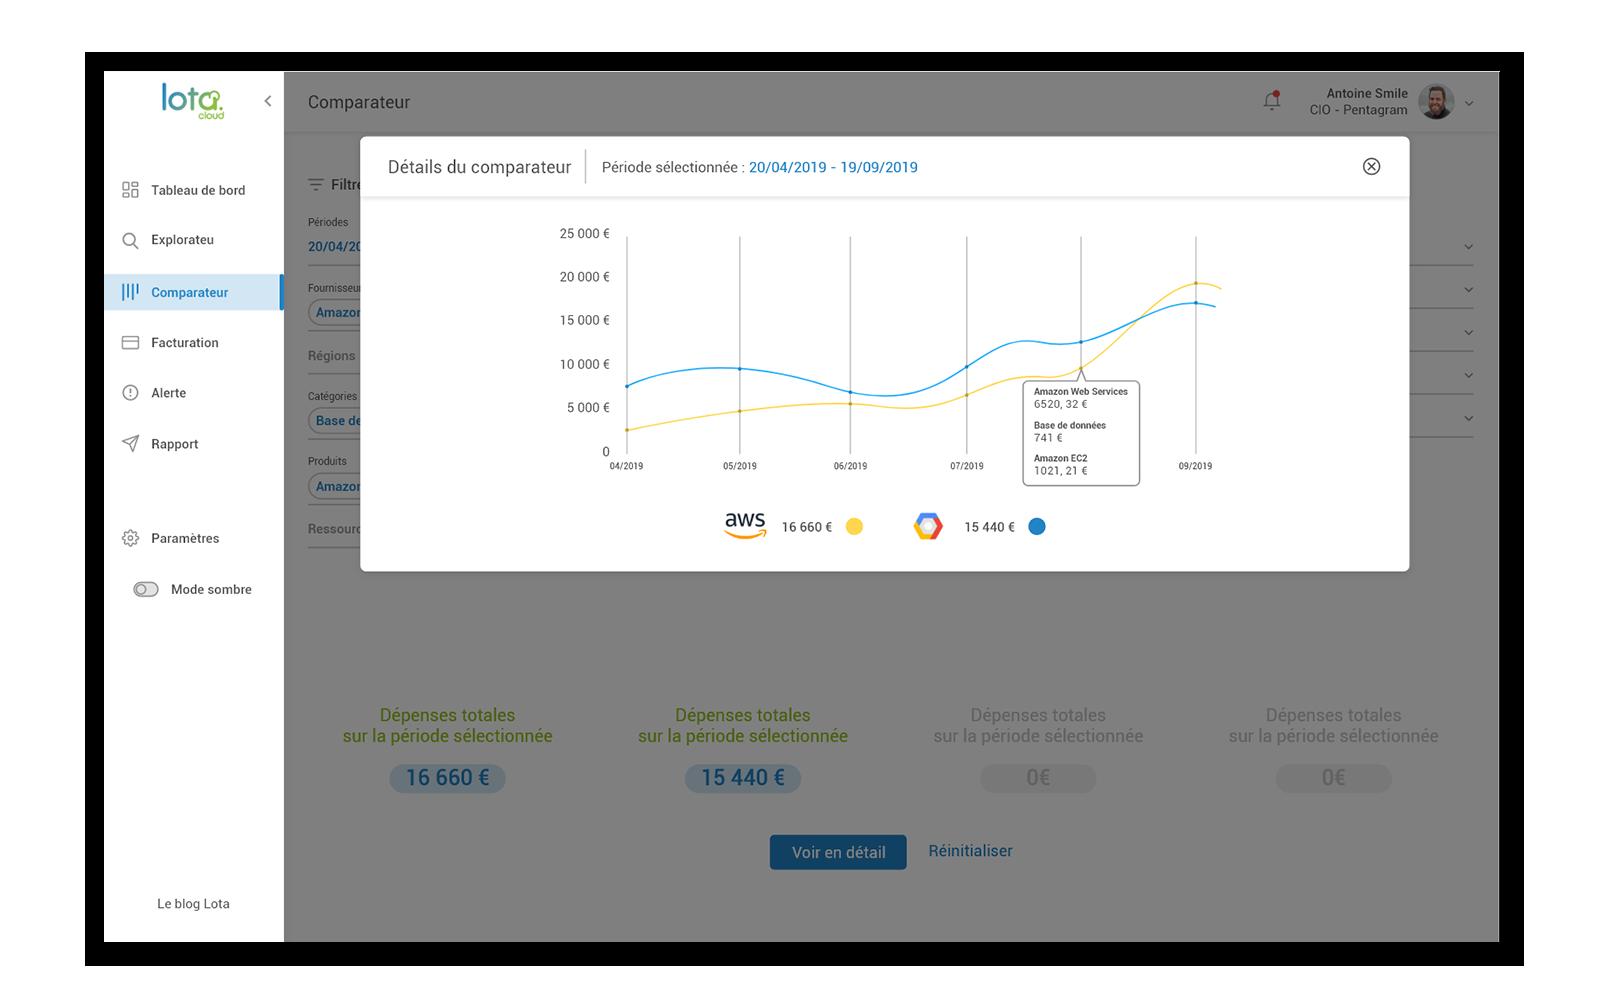 Le comparateur d'instances de la plateforme FinOps Lota.cloud